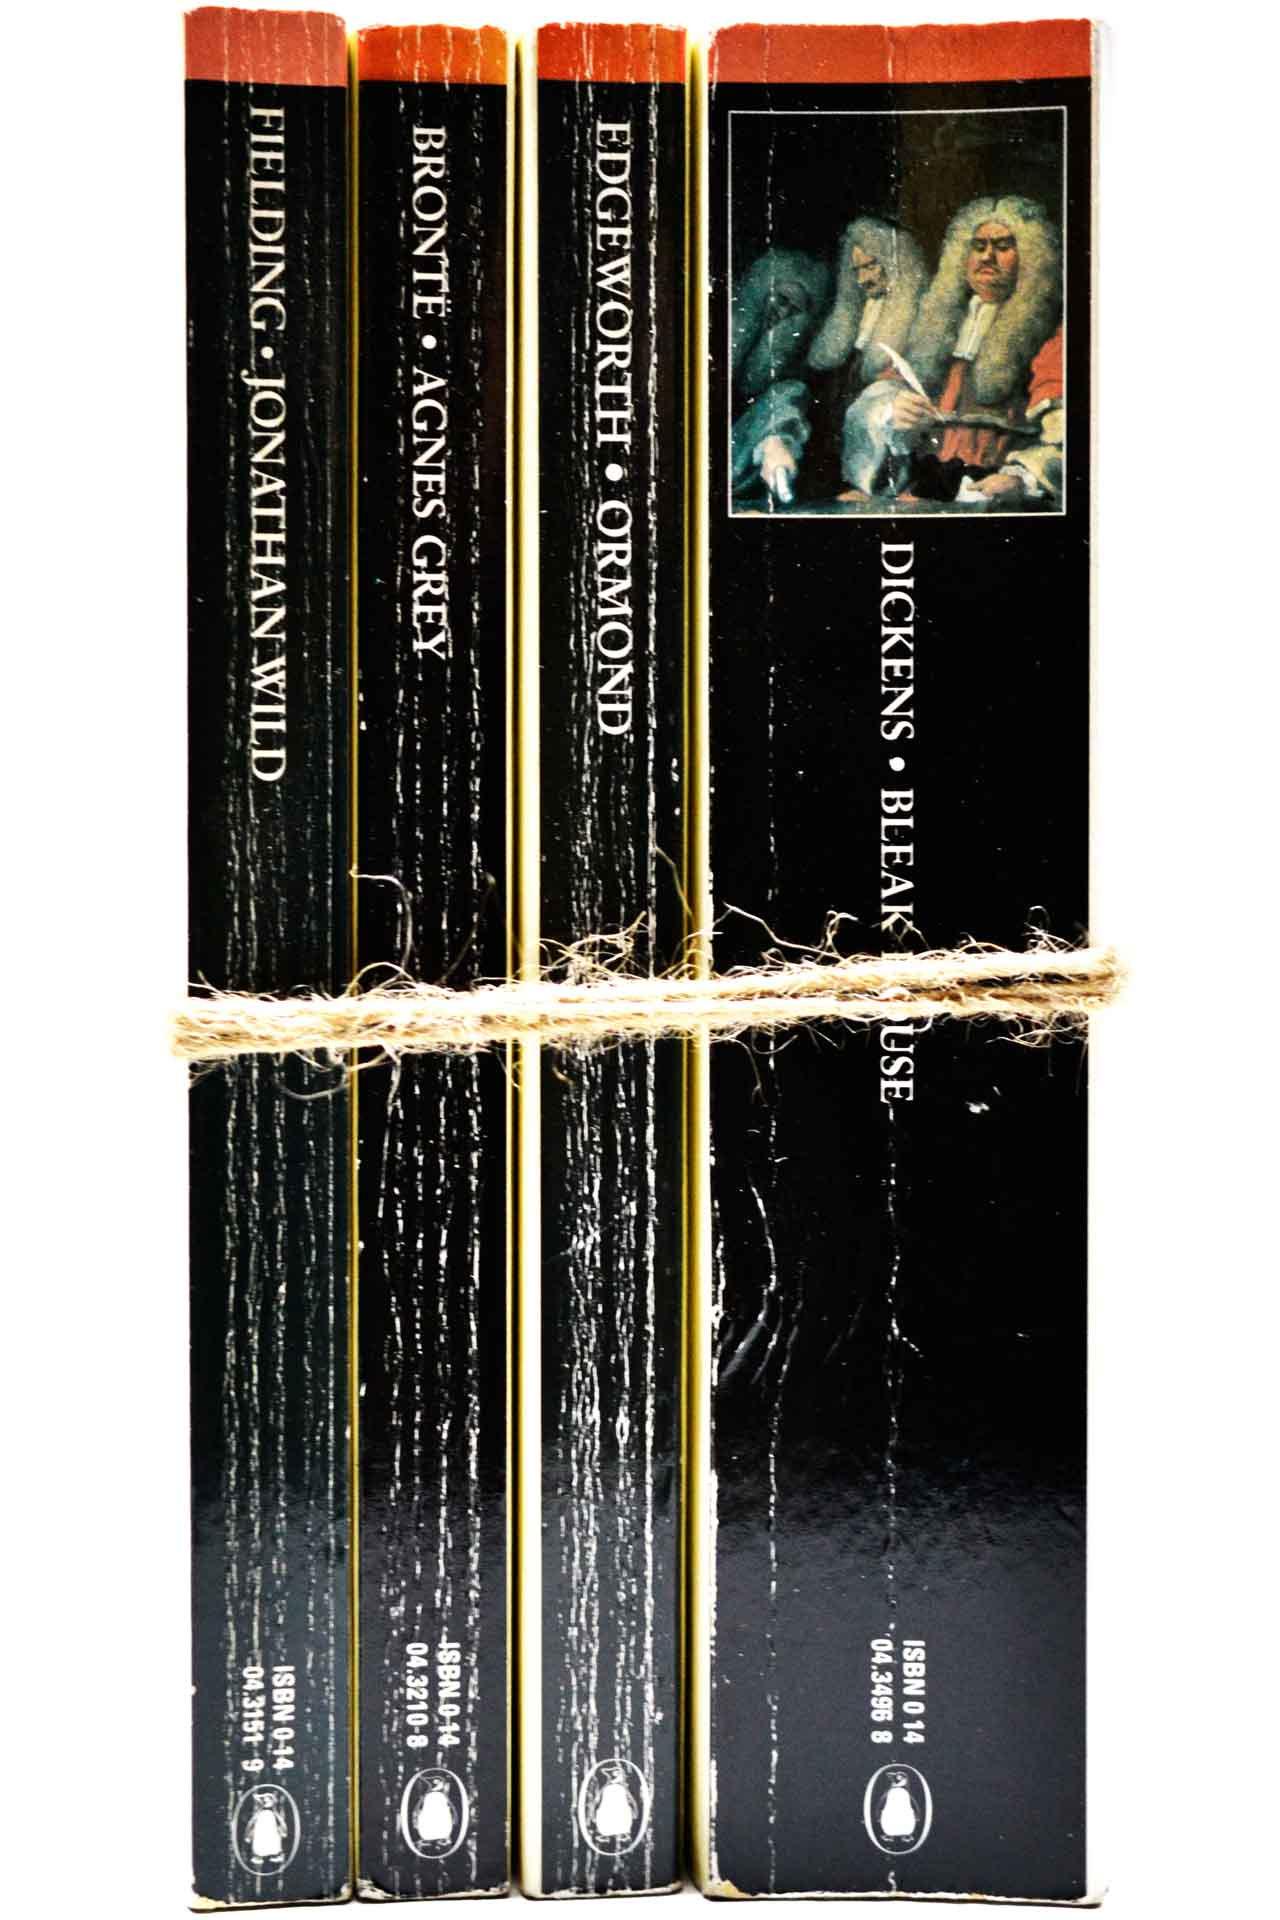 洋書 ディスプレイ用 4冊セット RZ-5475